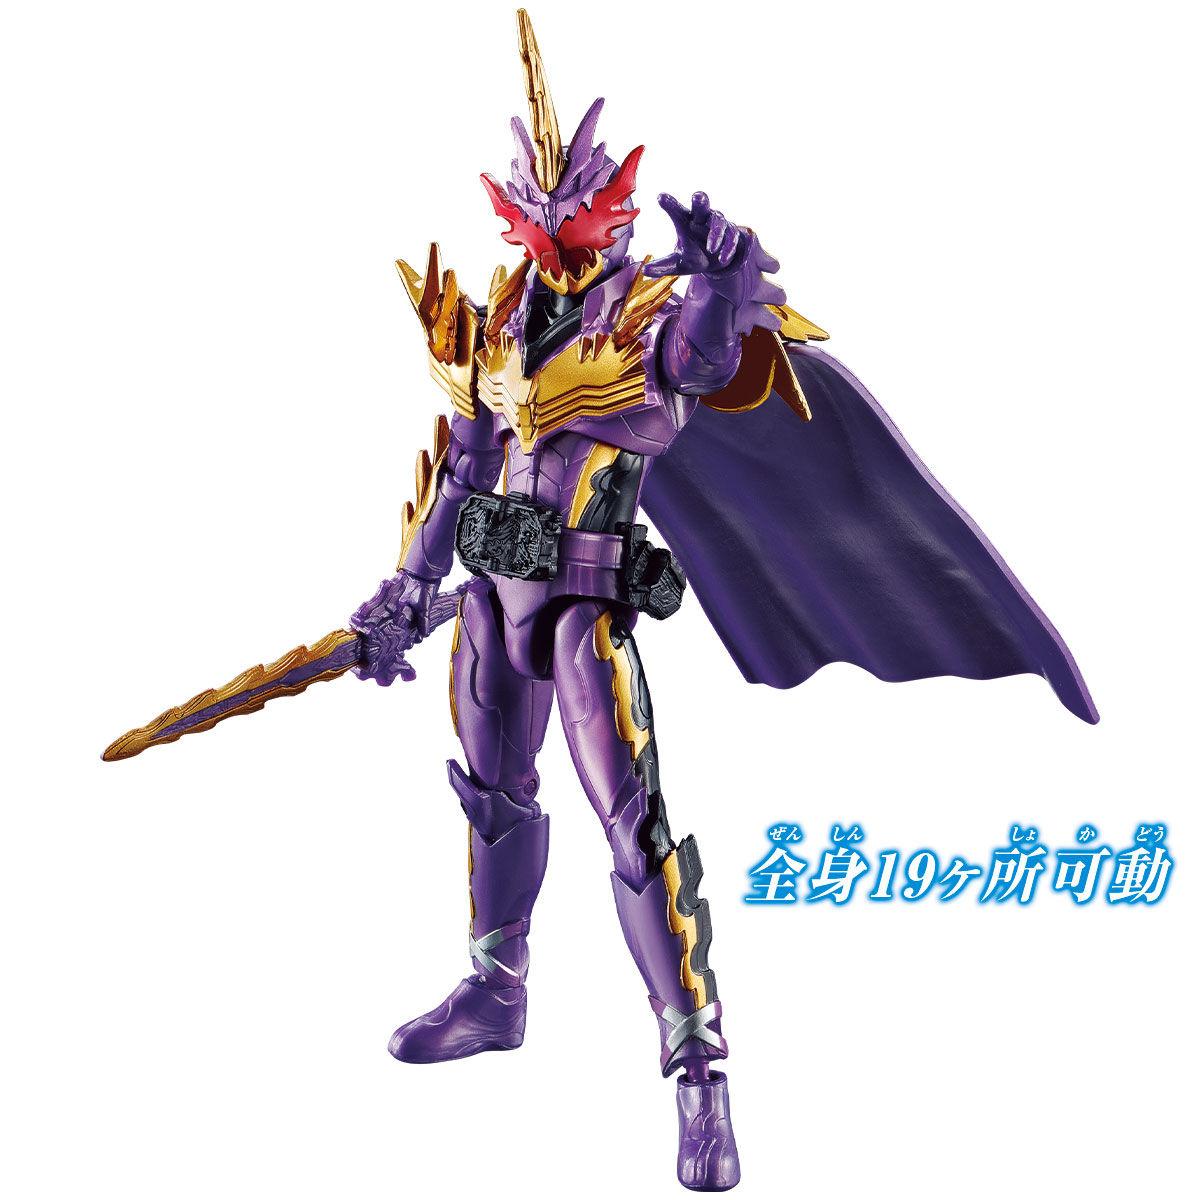 RKF『仮面ライダーカリバー ジャオウリードセット』仮面ライダーセイバー 可動フィギュア-006